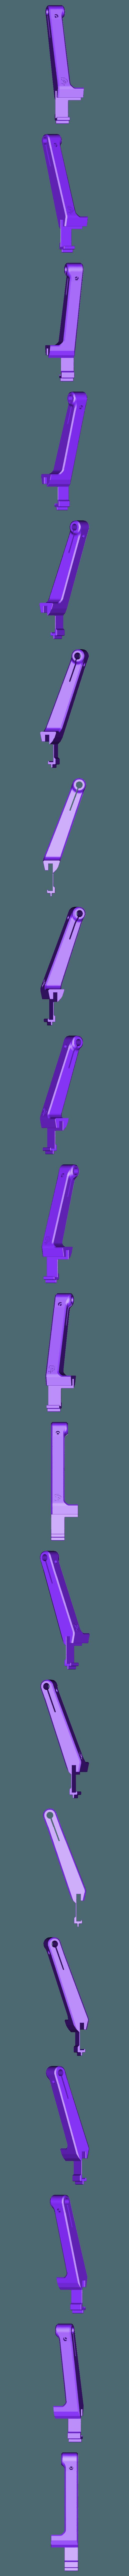 spool holder 10mm.stl Télécharger fichier STL gratuit Porte-bobine polyvalent pour Prusa MK2/3 (et cadres d'extrusion 2020)) • Design imprimable en 3D, Stamos